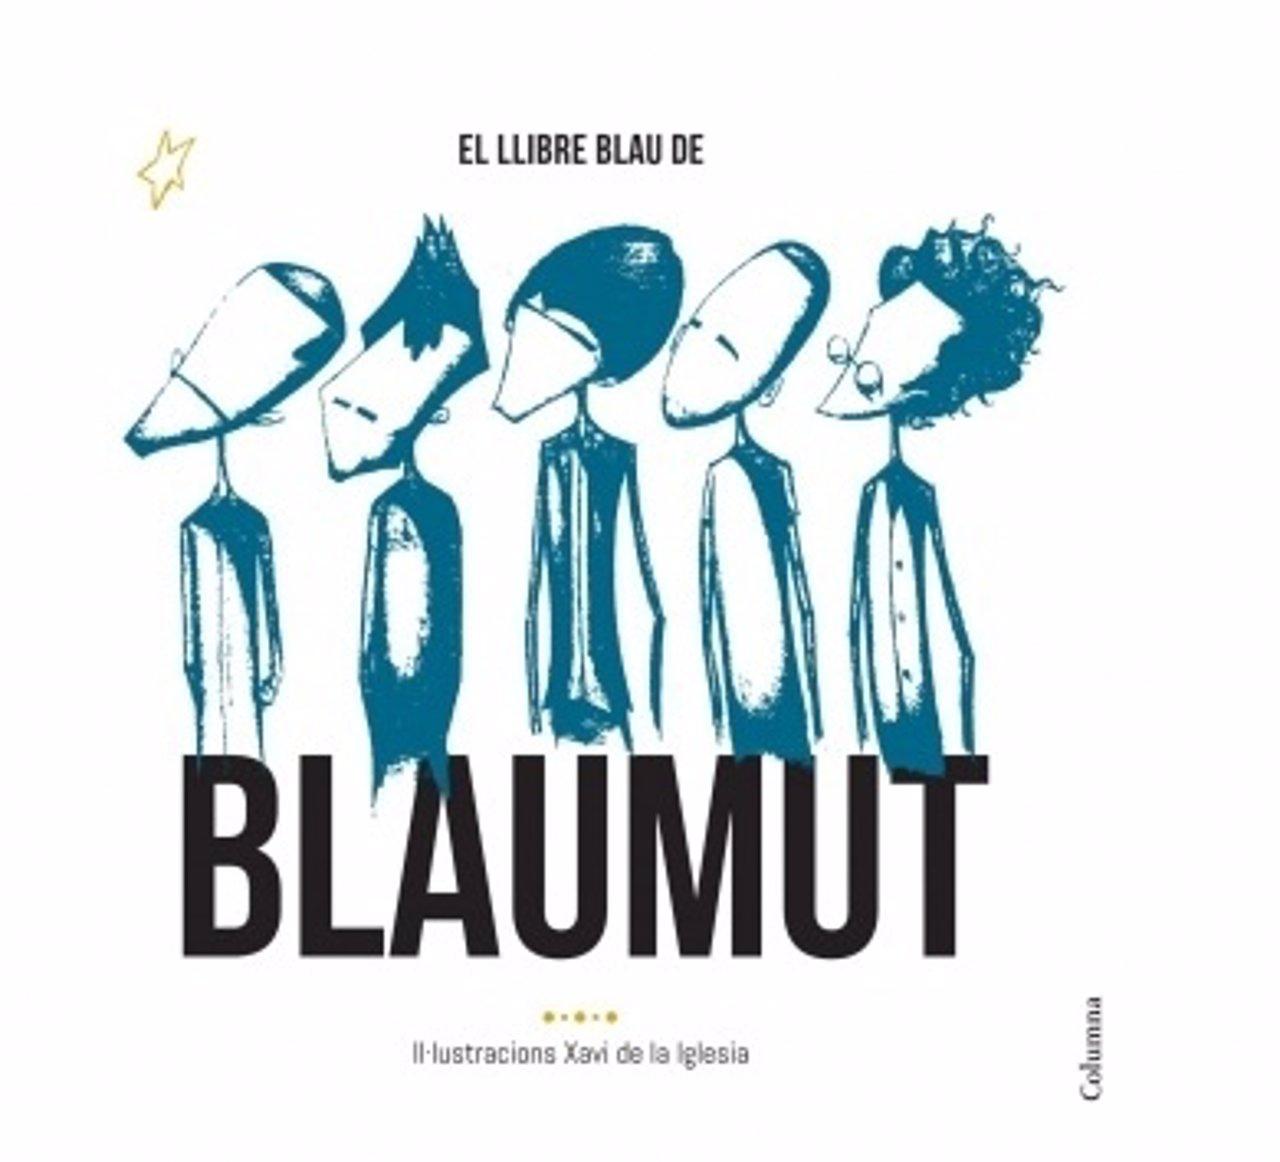 Imagen promocional del libro del grupo Blaumut